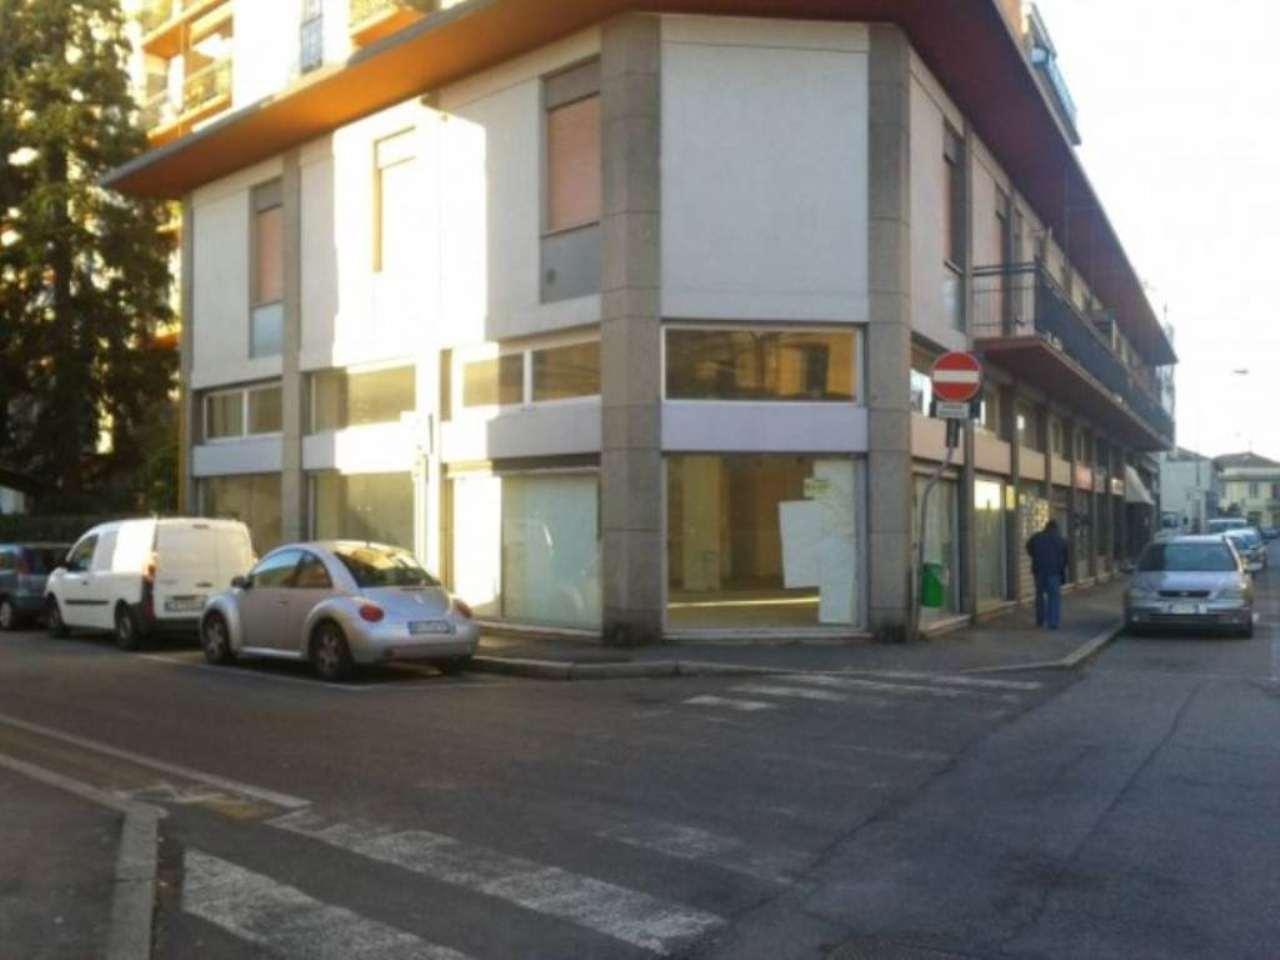 Negozio / Locale in vendita a Rho, 2 locali, prezzo € 680.000 | Cambio Casa.it